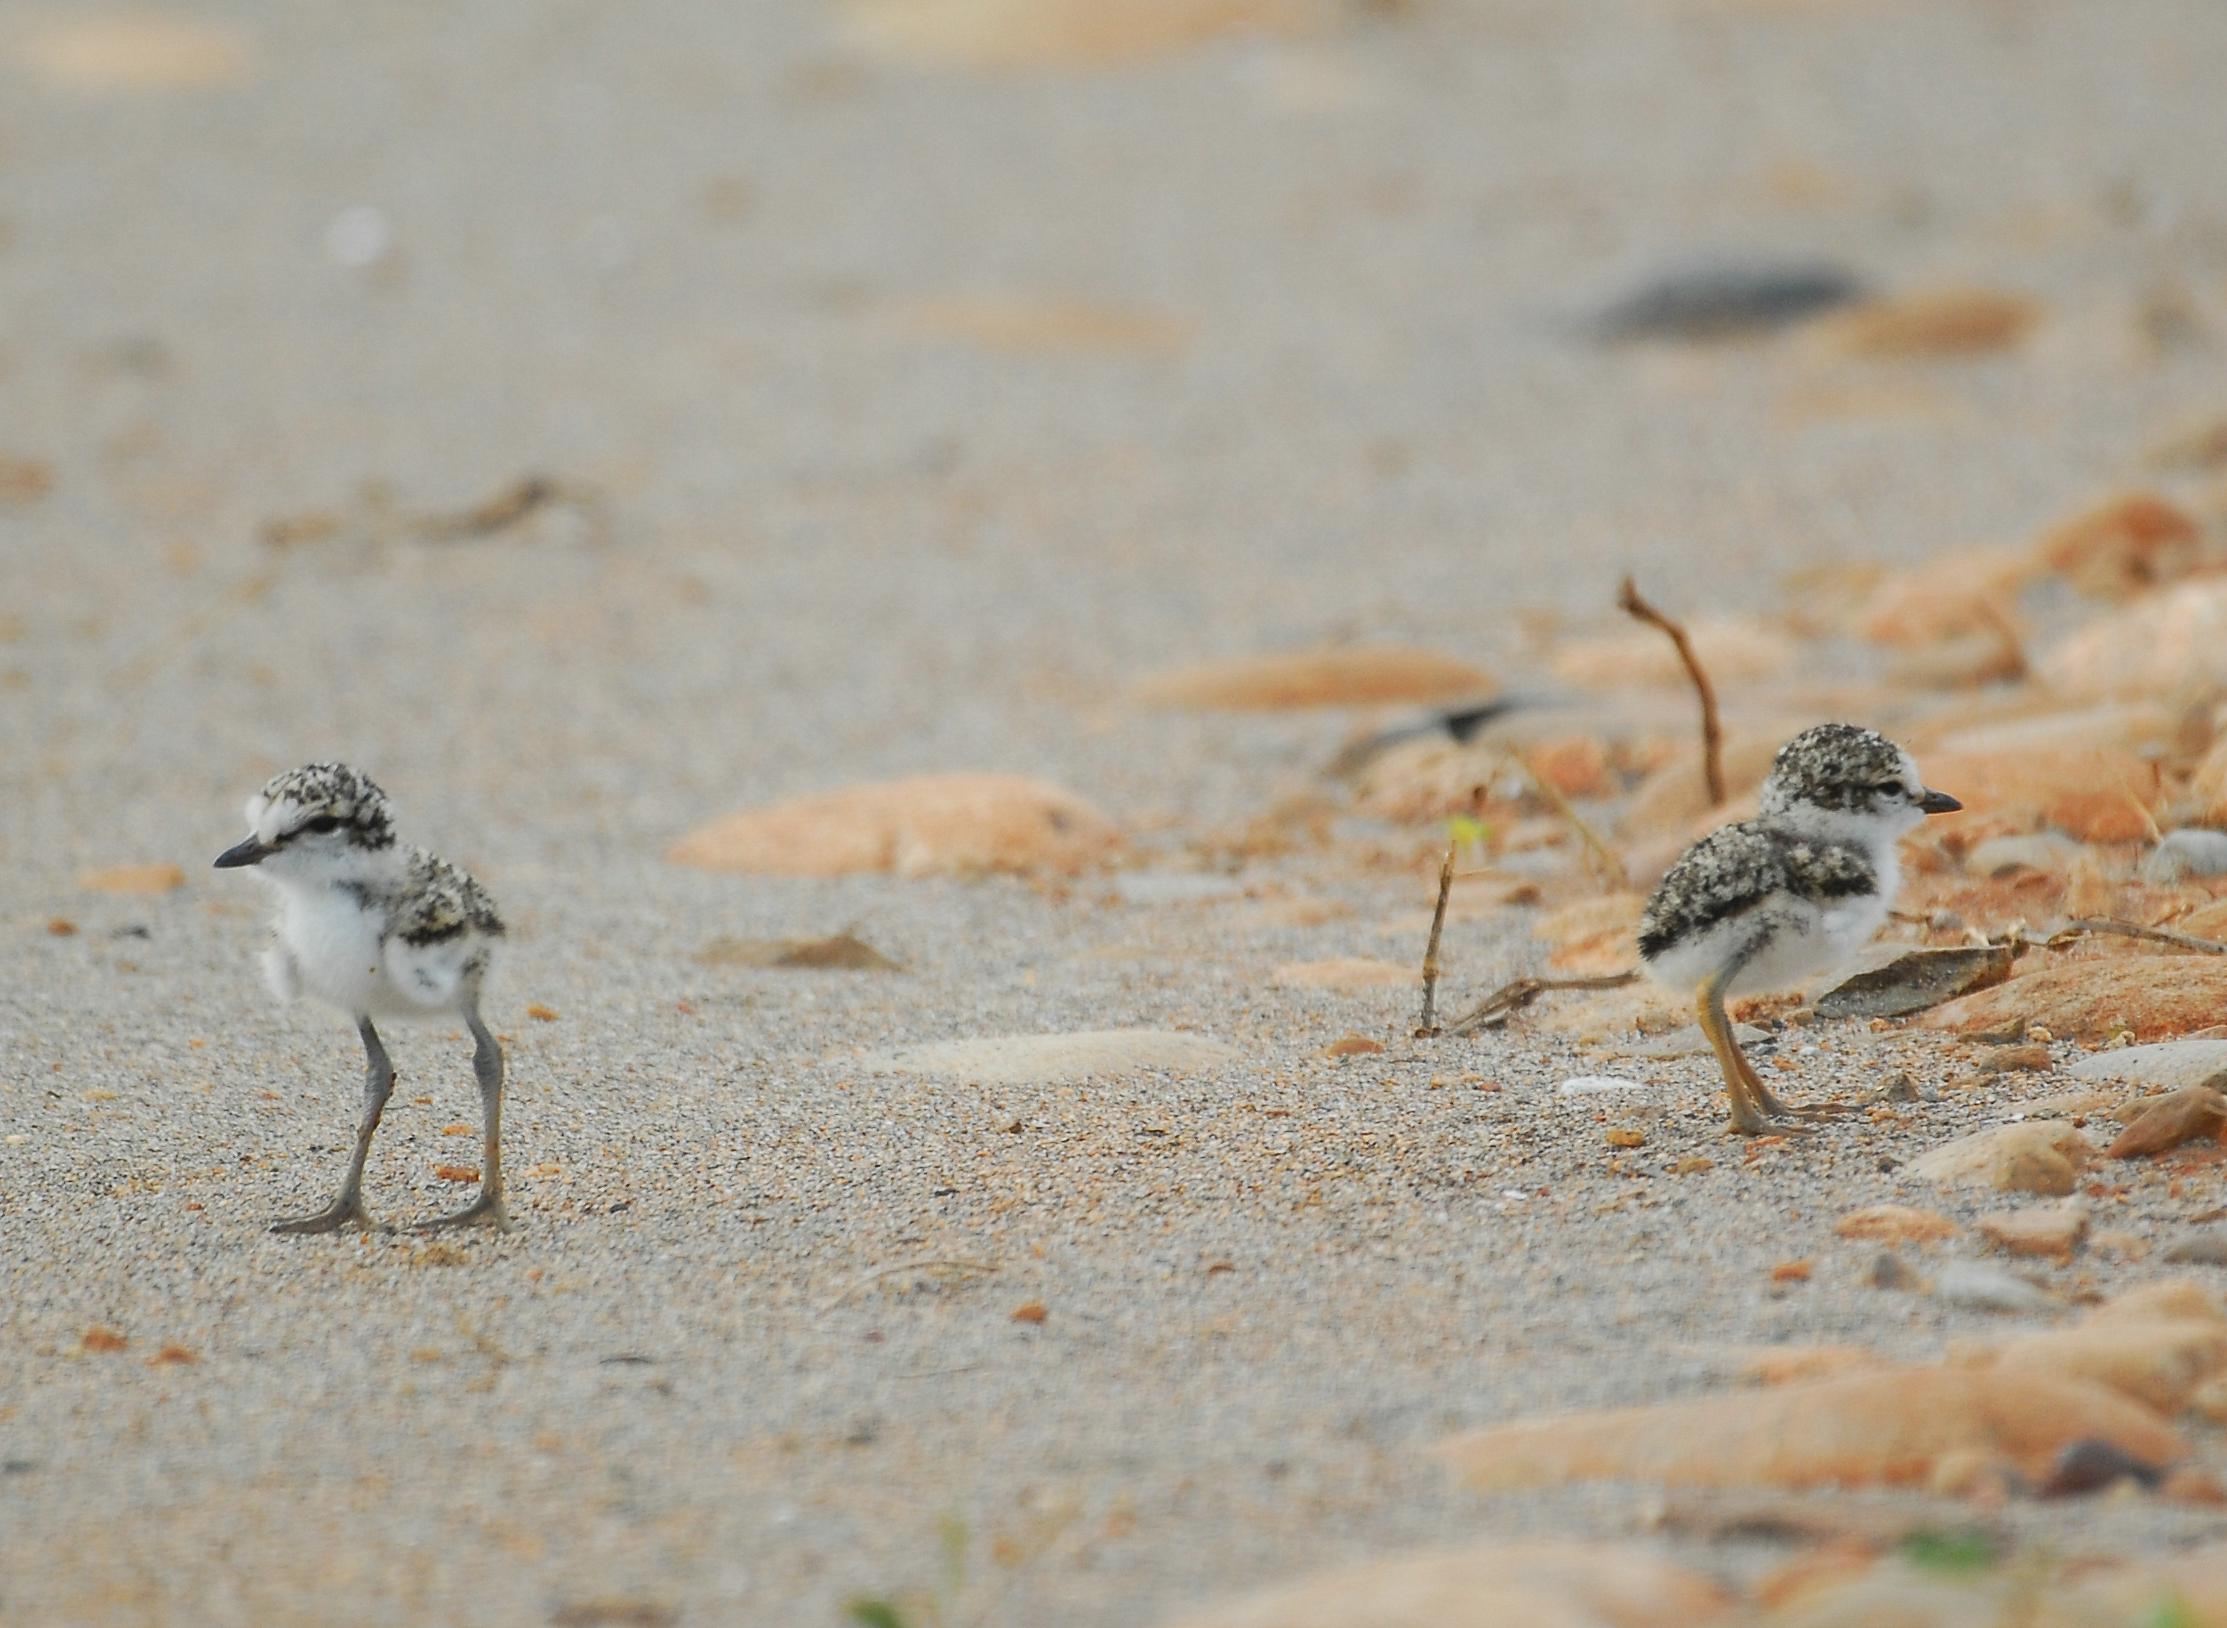 Les poussins de Gravelot à collier interrompu, sujet du nouvel article du Bird-Blog d'Une histoire de plumes